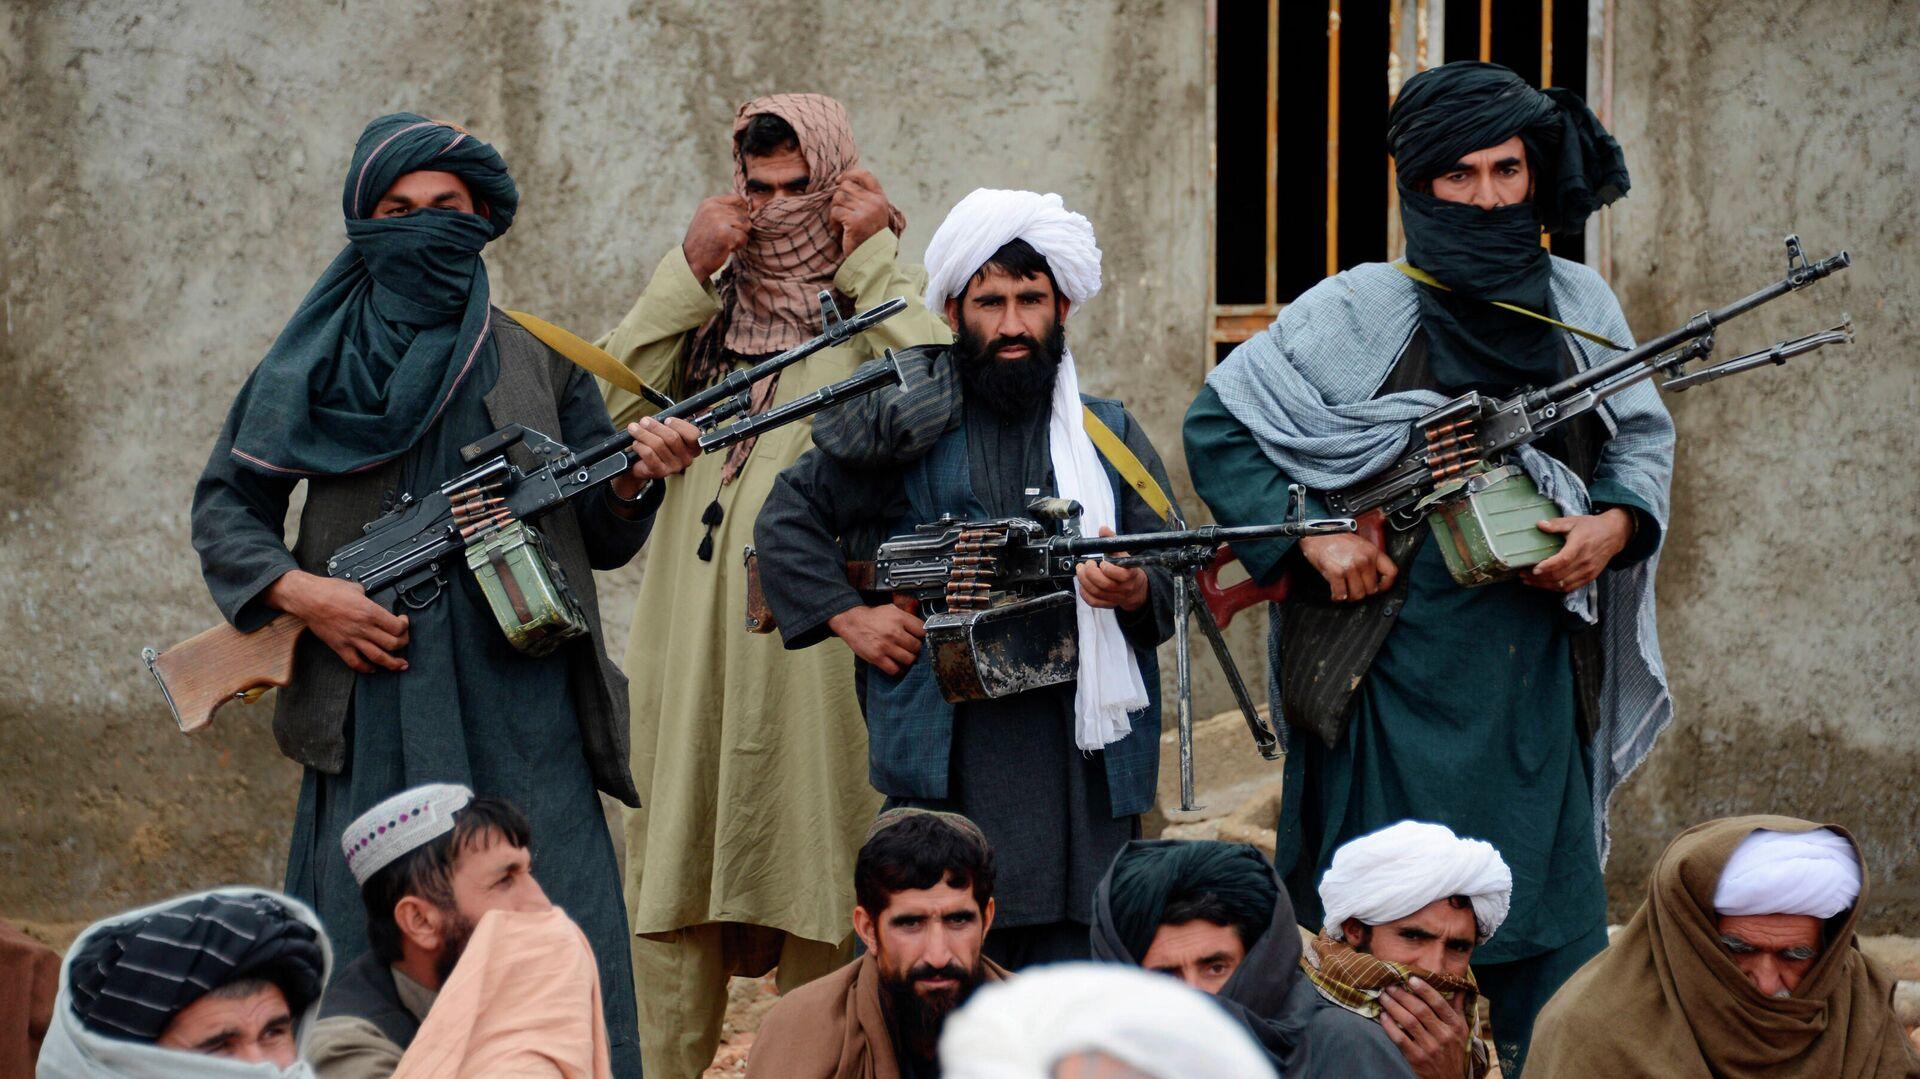 Боевики радикального движения Талибан* в Афганистане - РИА Новости, 1920, 08.07.2021